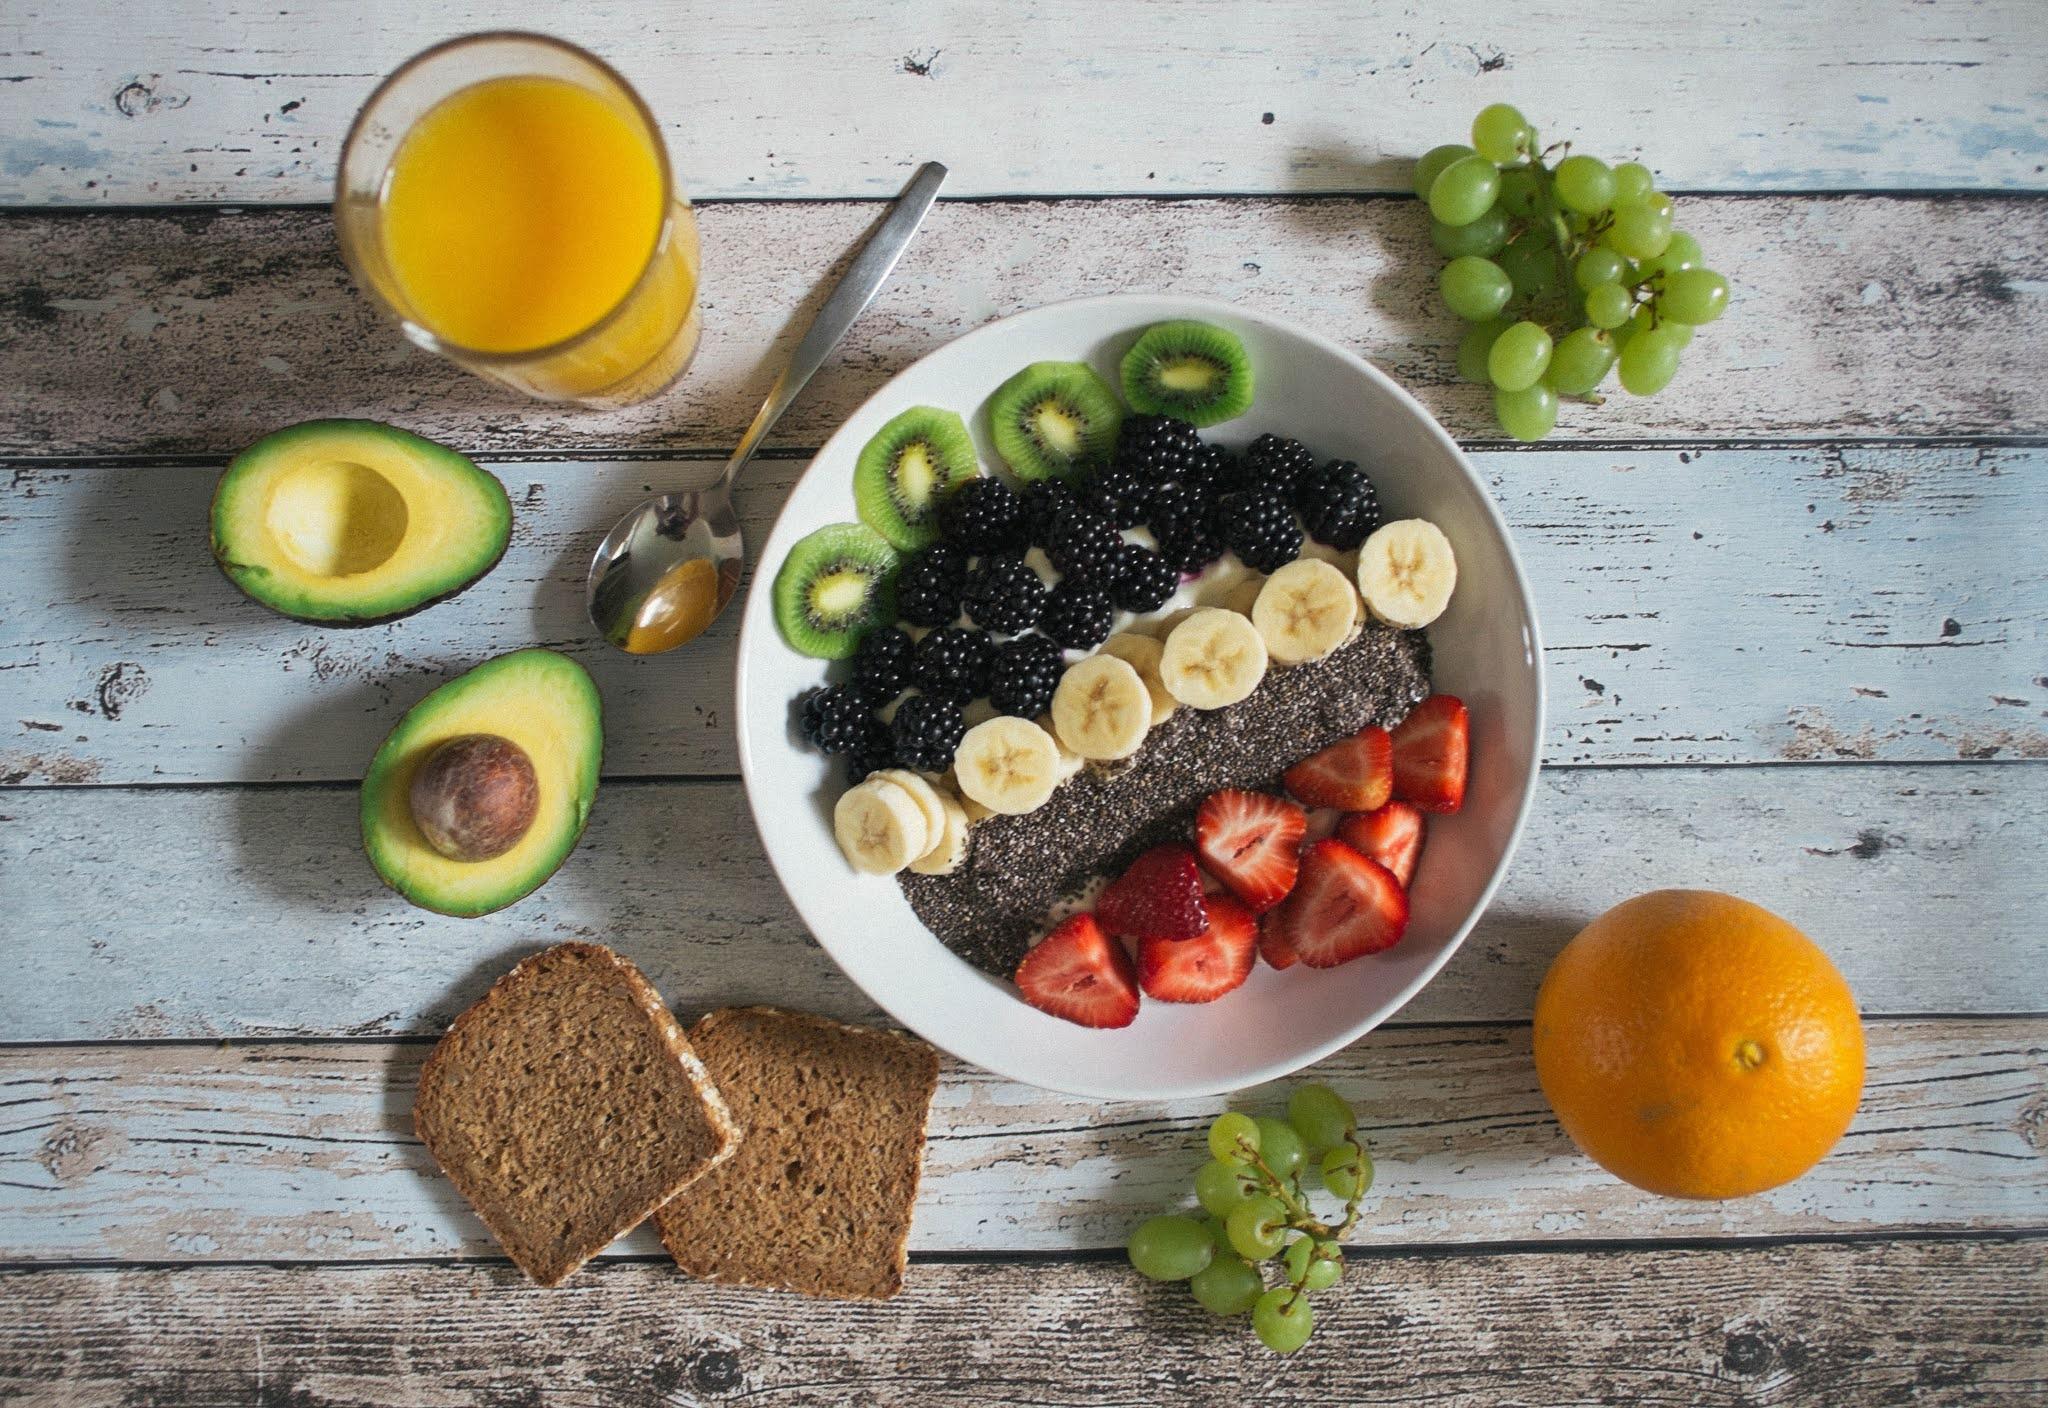 نصائح سريعة حول إضافة الأطعمة المغذية إلى نظامك الغذائي